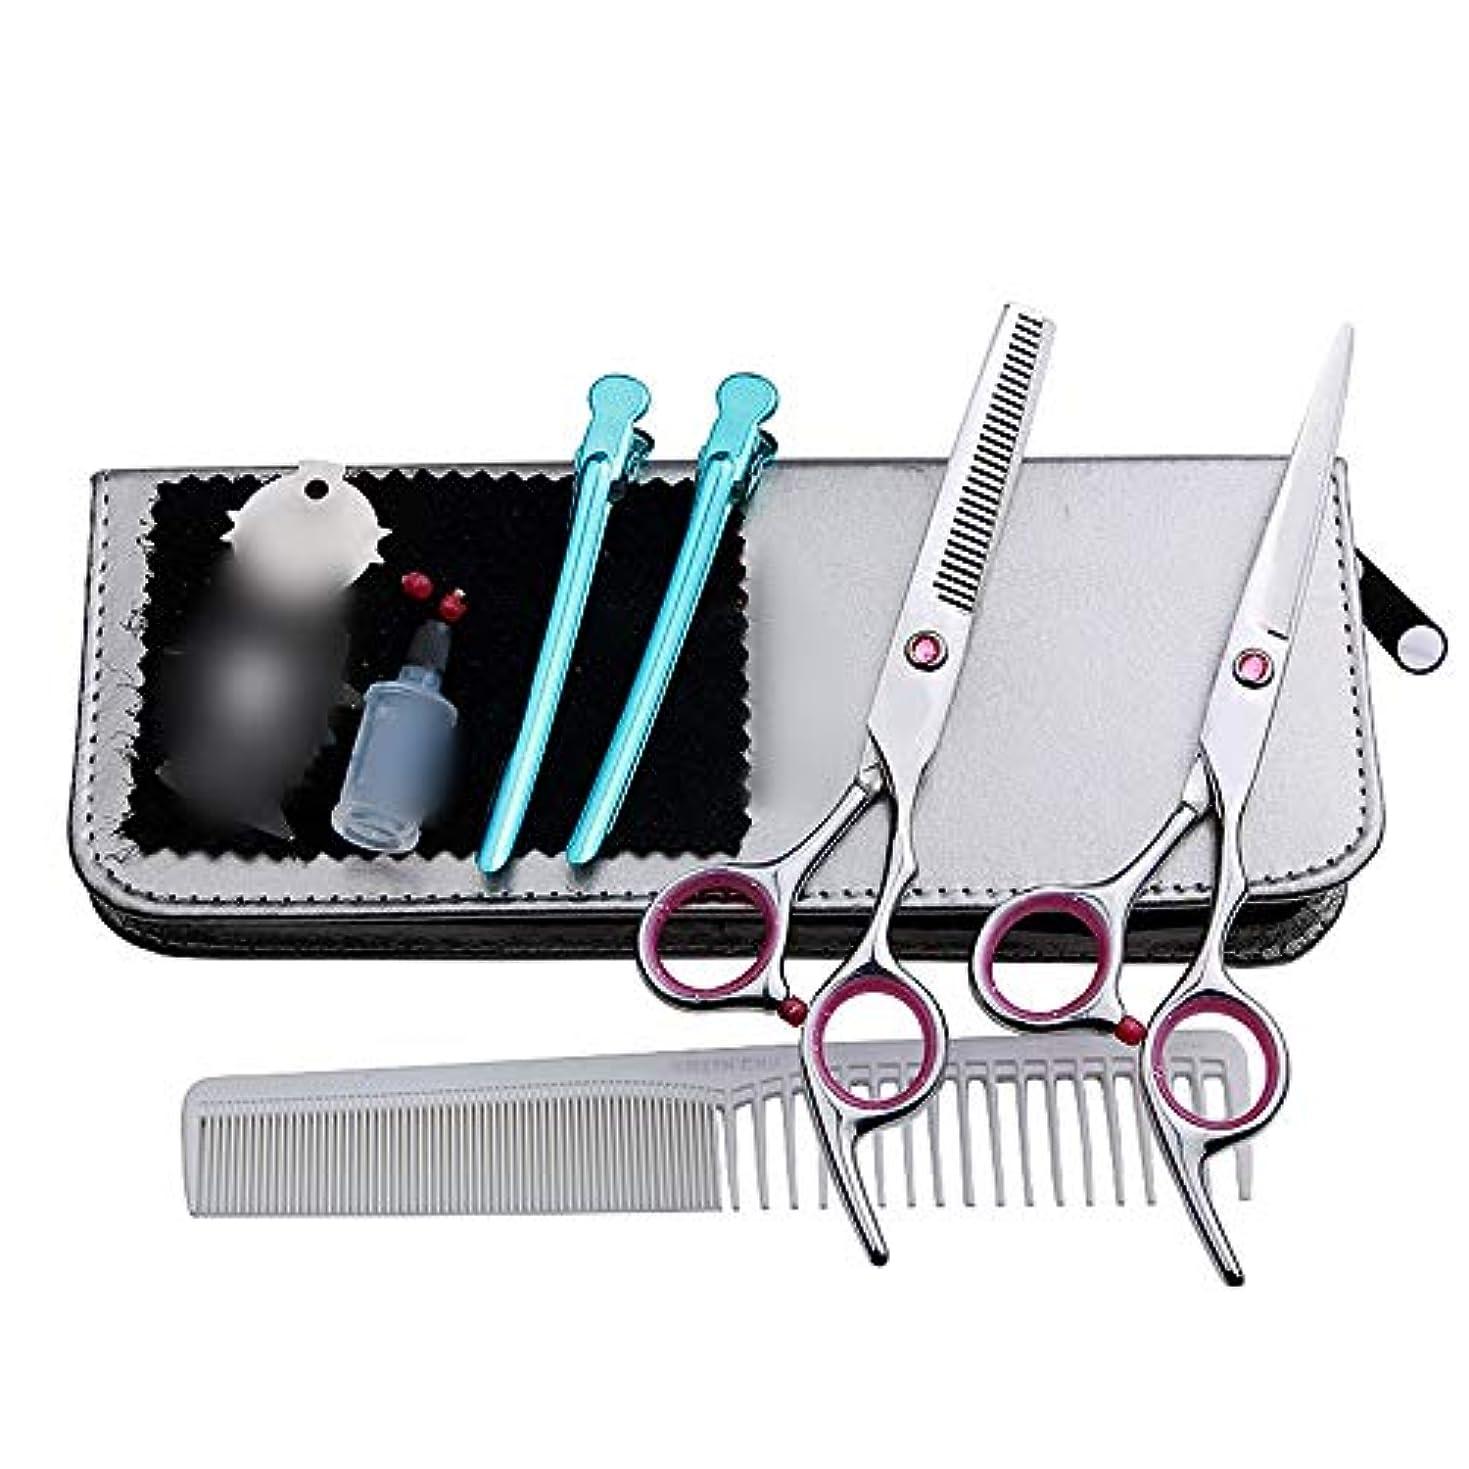 Goodsok-jp 6インチの美容院の専門のヘアカットセット、平らな歯のはさみのヘアカットセット (色 : ピンク)